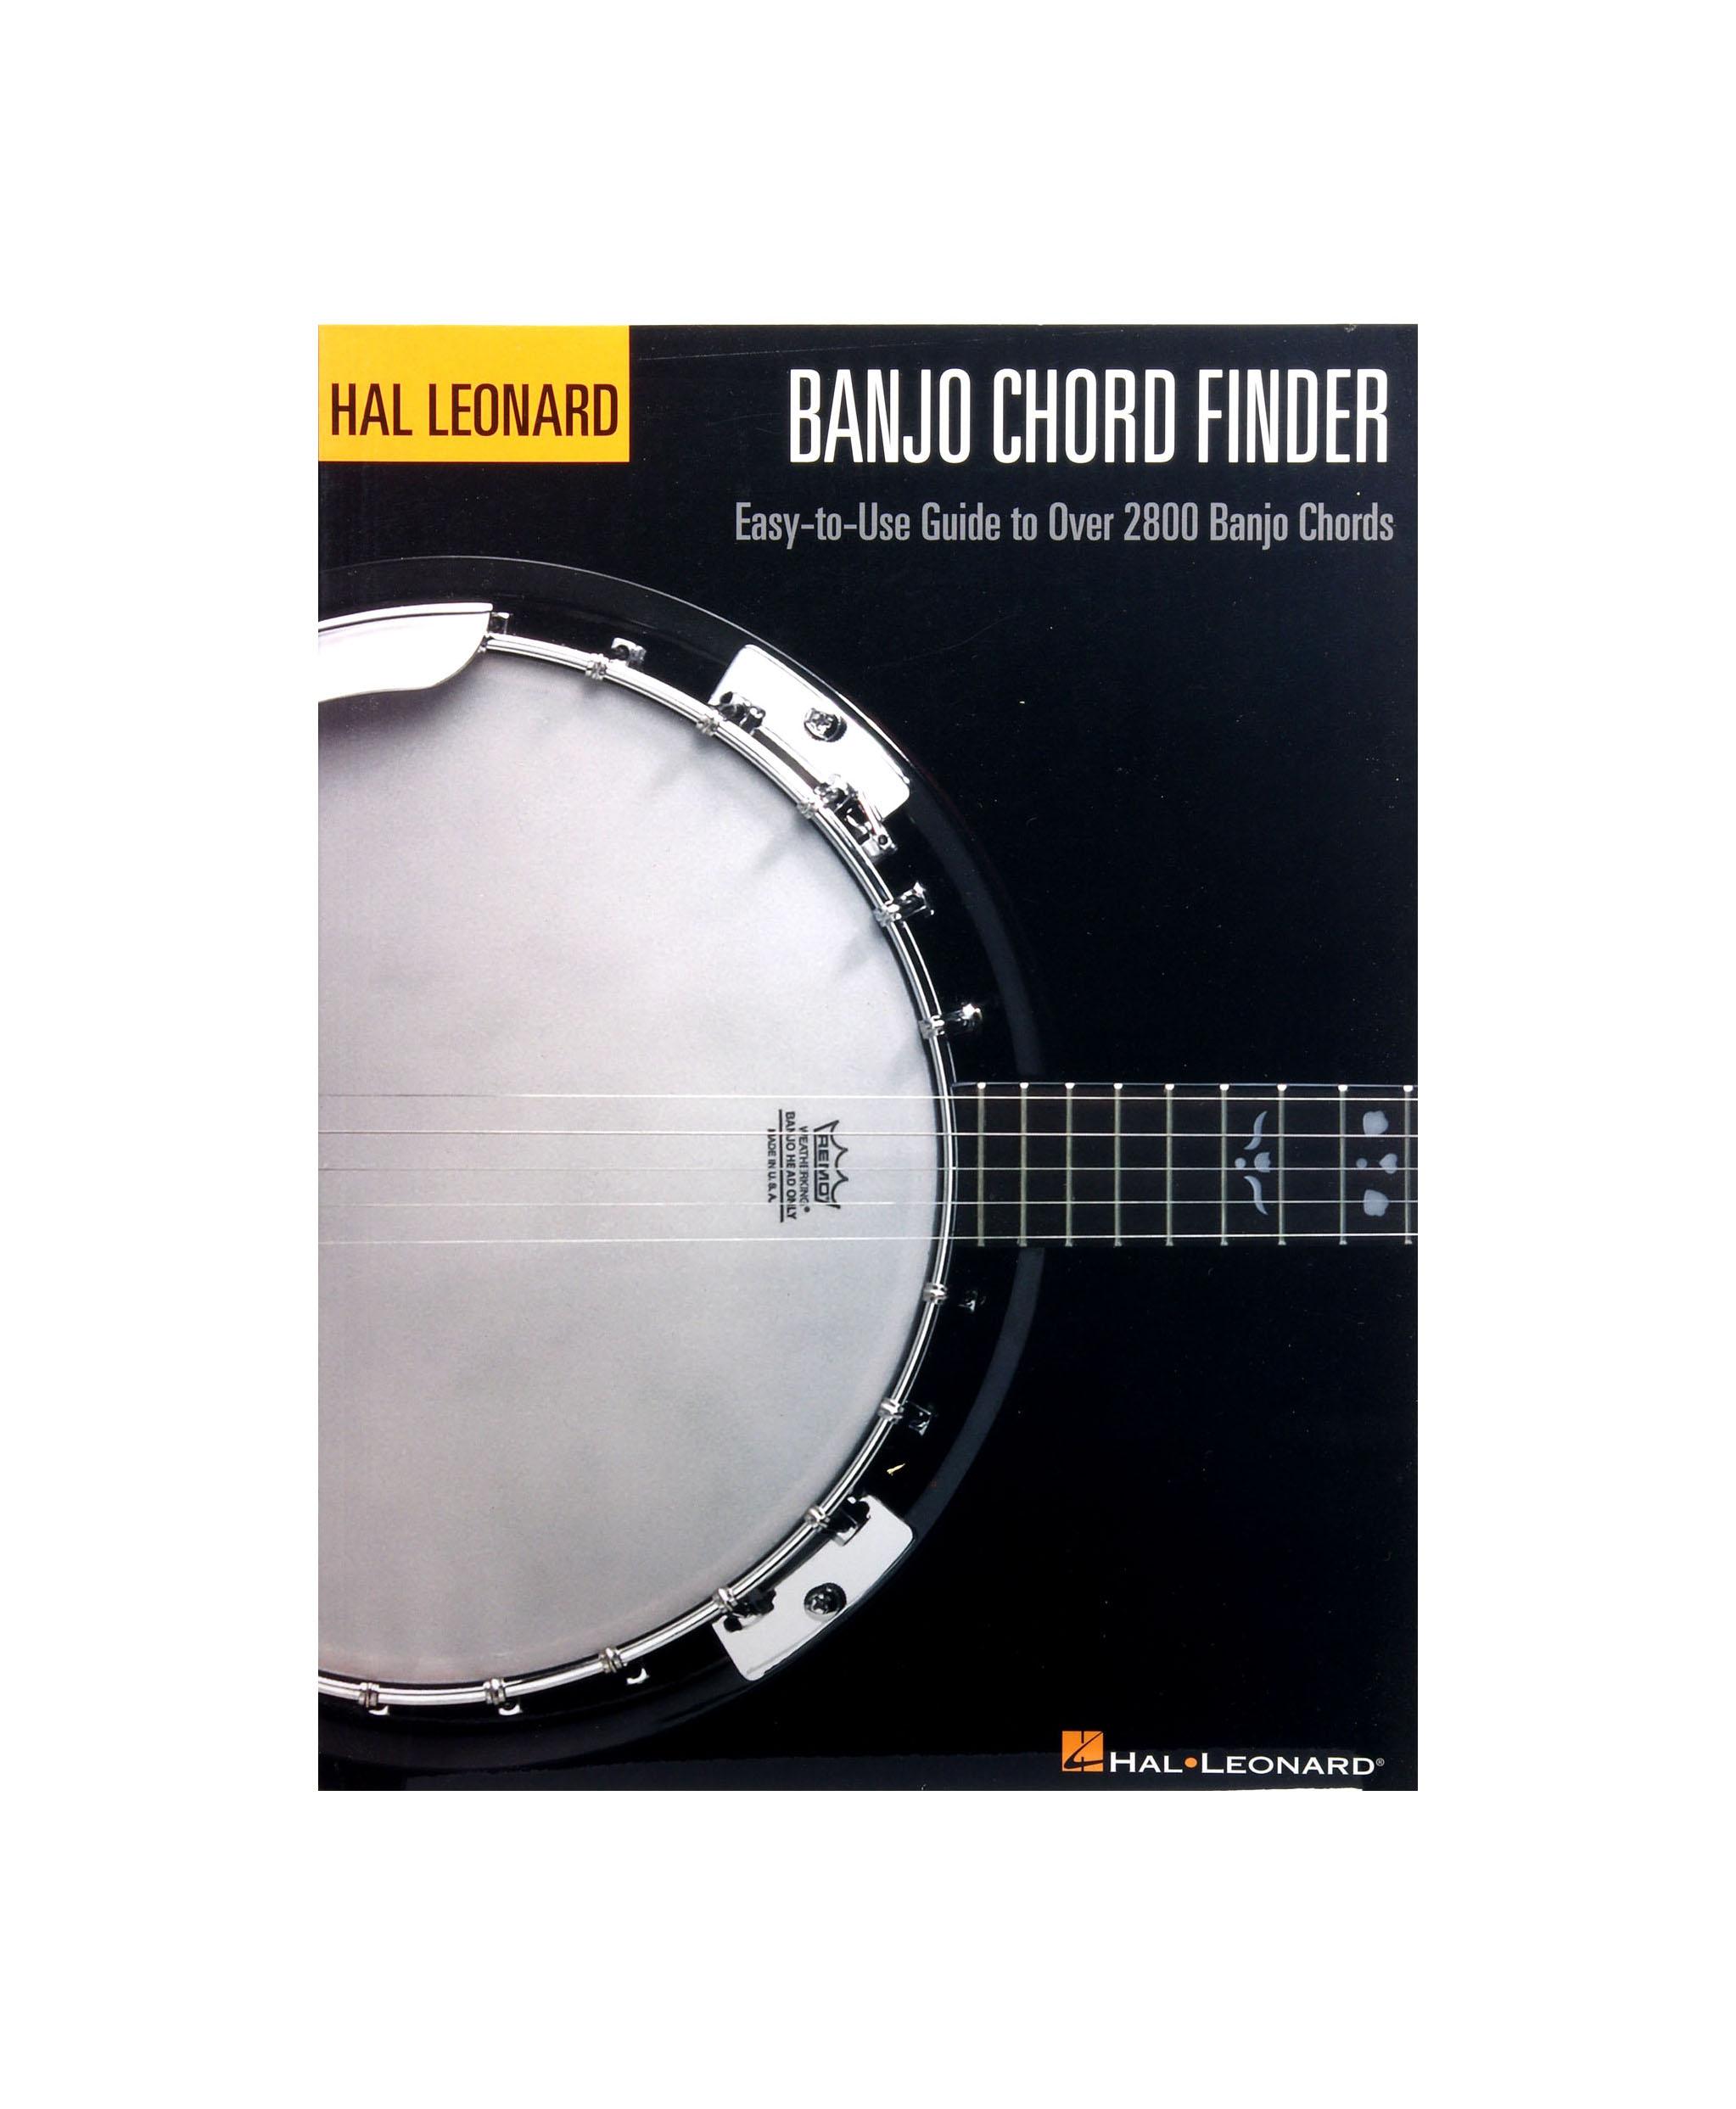 Banjo Chord Finder Beyond Guitars